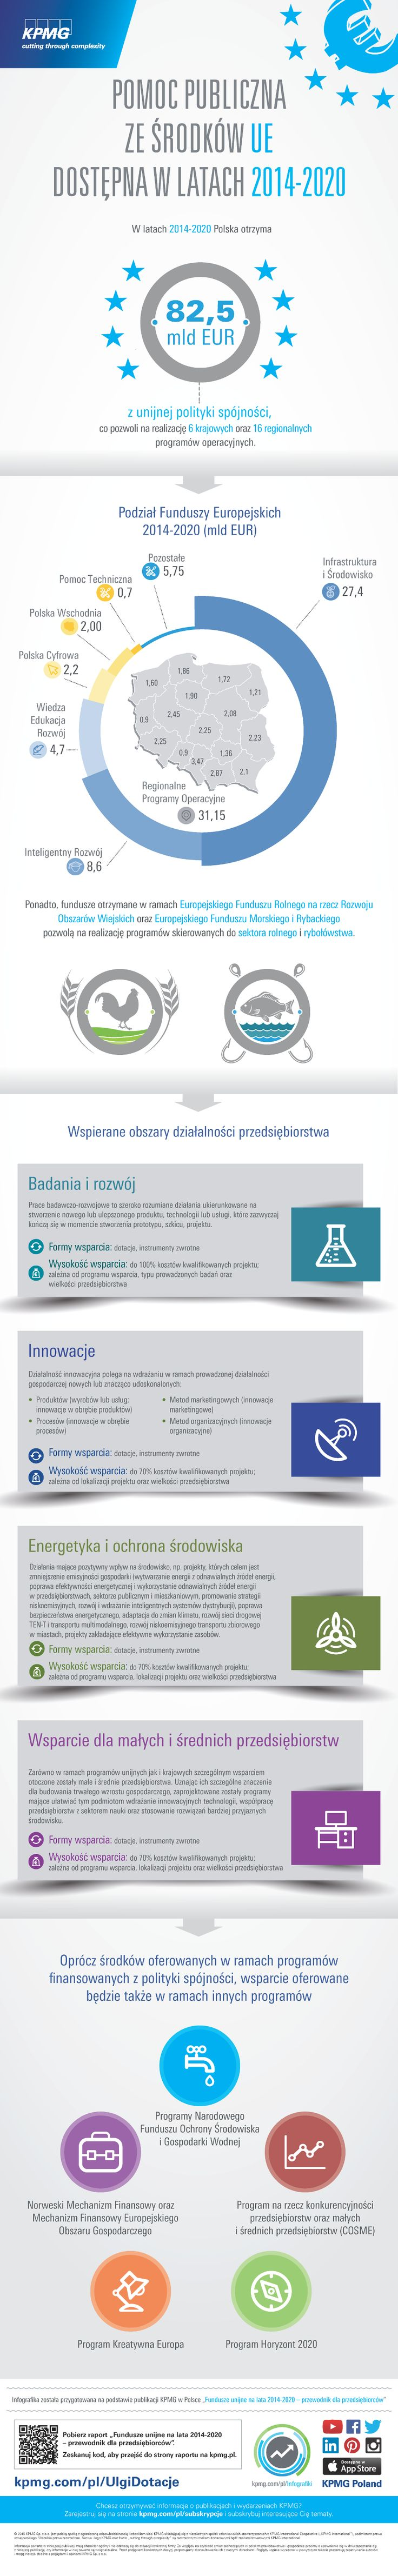 W latach 2014-2020 #Polska otrzyma 82,5 mld EUR z unijnej polityki spójności, co pozwoli na realizację 6 krajowych oraz 16 regionalnych programów operacyjnych. Ponadto, fundusze otrzymane w ramach Europejskiego Funduszu Rolnego na rzecz Rozwoju Obszarów Wiejskich oraz Europejskiego Funduszu Morskiego i Rybackiego pozwolą na realizację programów skierowanych do sektora rolnego i rybołówstwa.  #infografika #infographic #Podatki #Inwestycje #Biznes #UE #Fundusze #KPMG #Funds